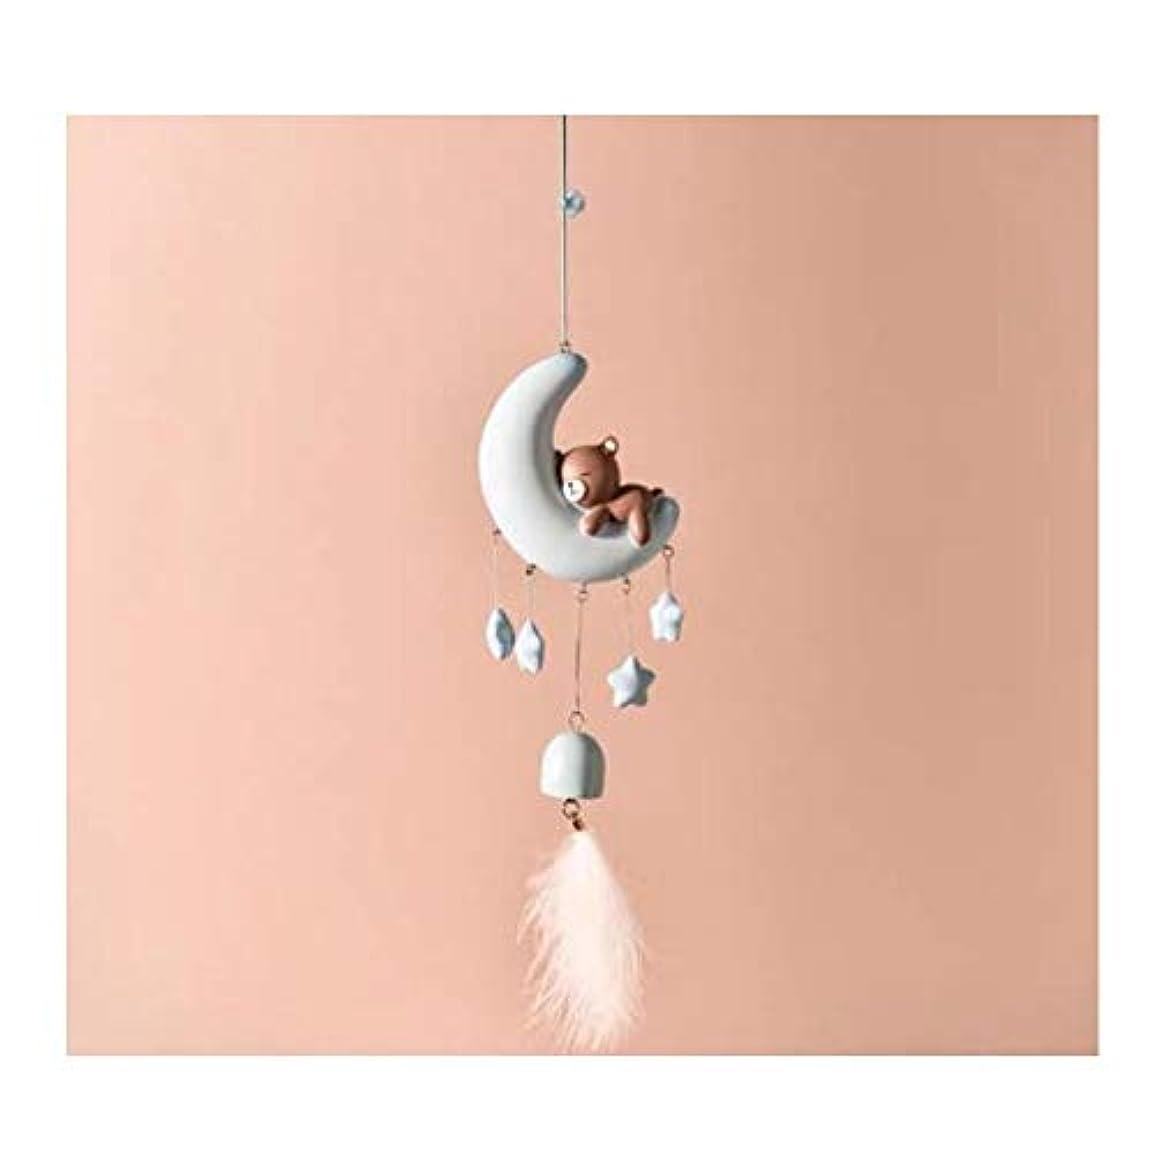 馬鹿げた夢鯨風チャイム、樹脂クリエイティブかわいい動物風チャイム、ブラウン、全身について38センチメートル (Color : Blue 1, Size : 38cm)